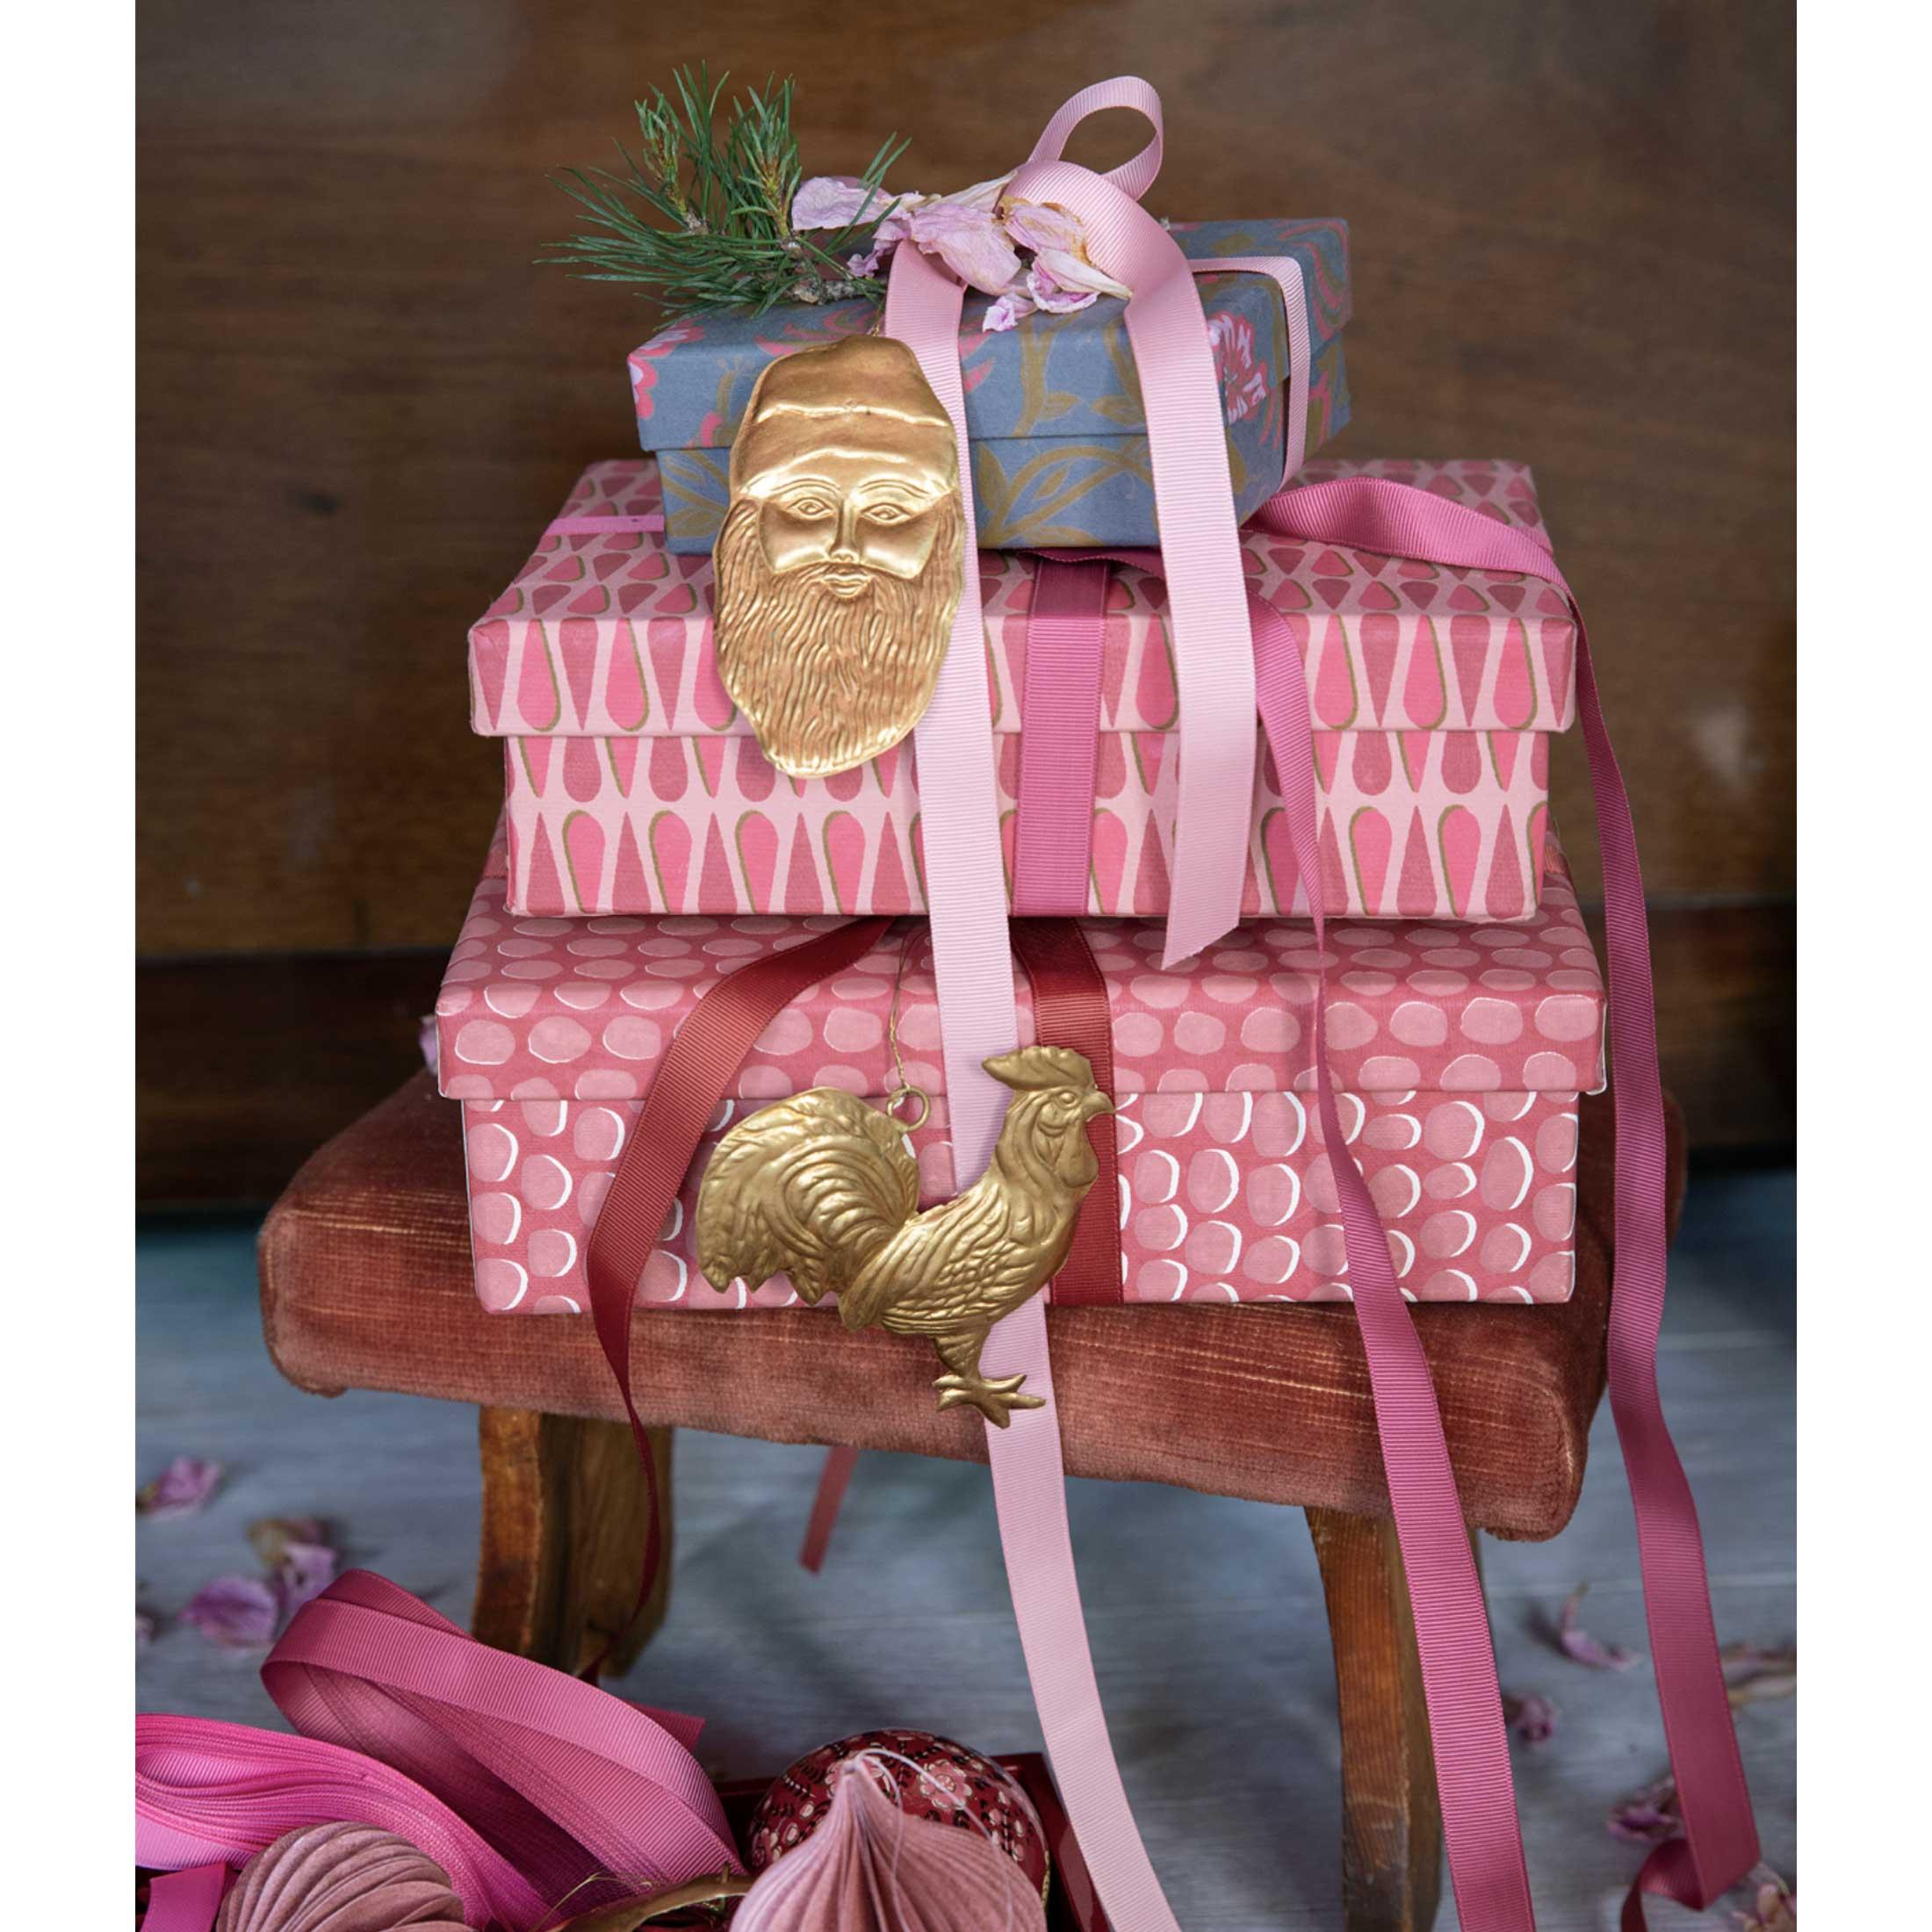 Nikolaus Dekoanhänger in Gold Figur Weihnachtsmann | Geschenk | Christbaumschmuck | skandinavische Weihnachtsdekoration 2020 aus Dänemark. Soulbirdee Onlineshop